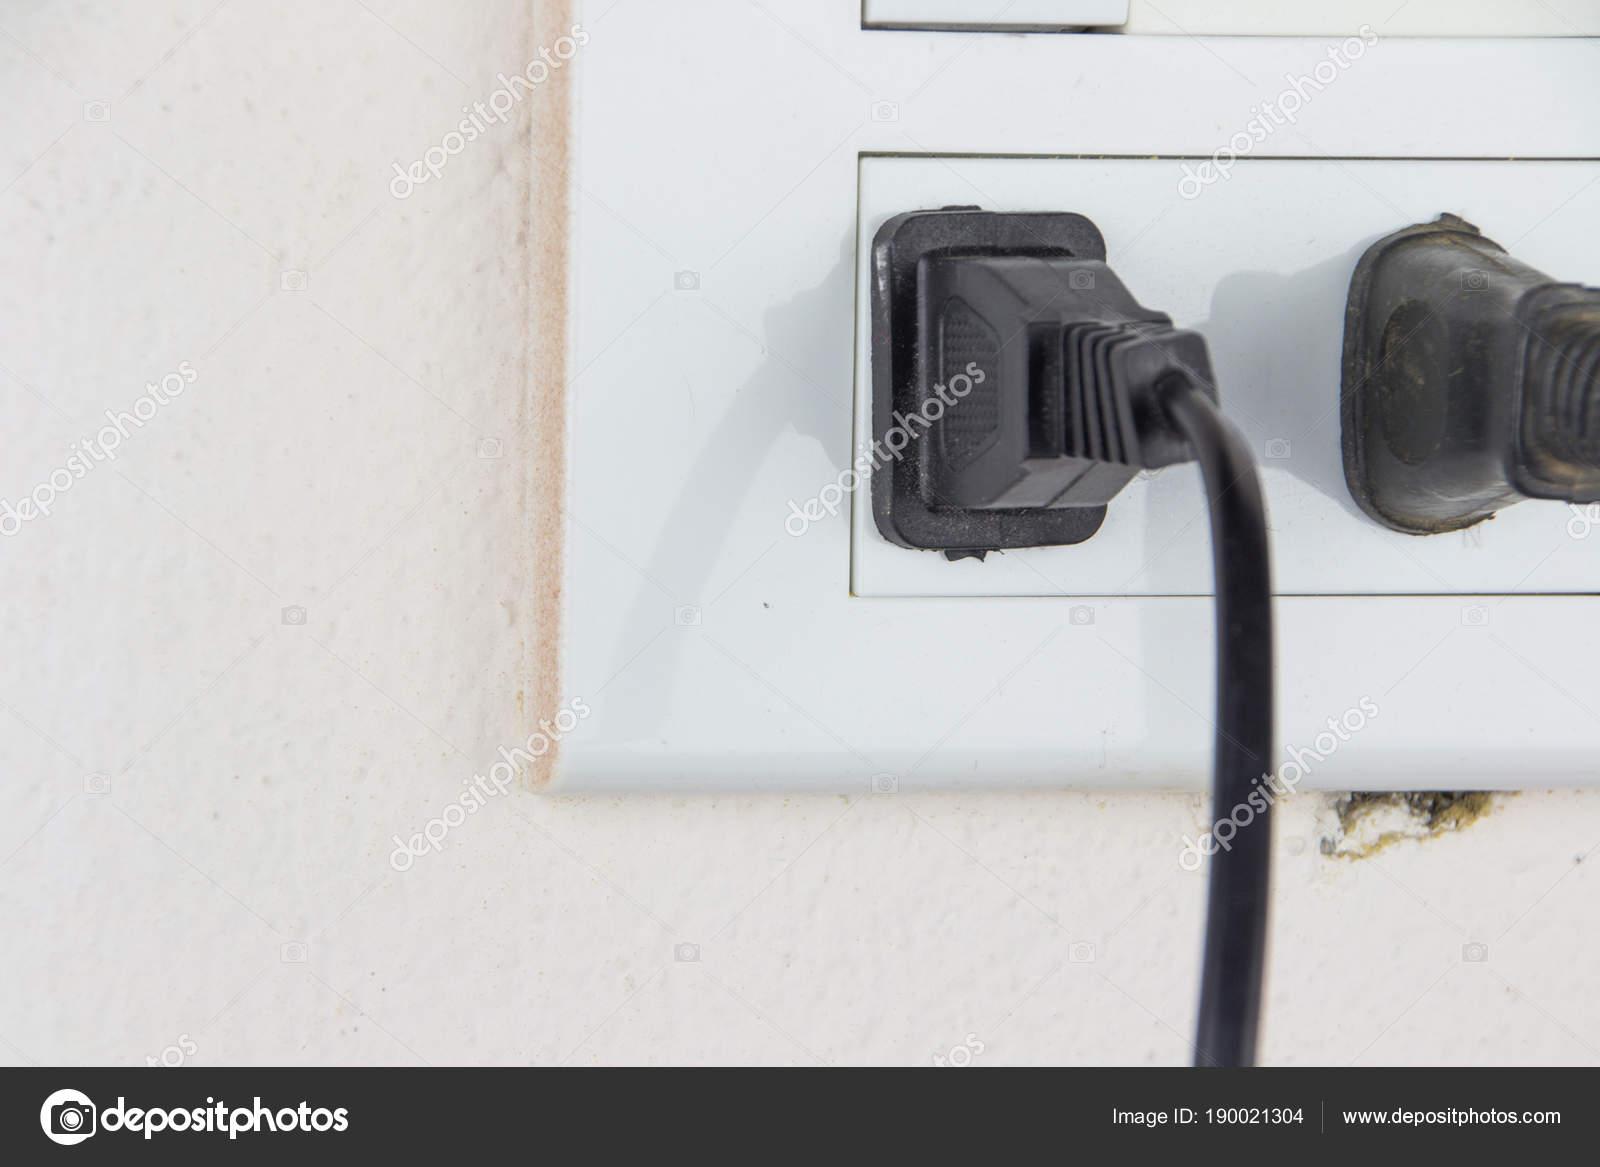 Stecker in die Steckdose und Schalter — Stockfoto © chartcameraman ...